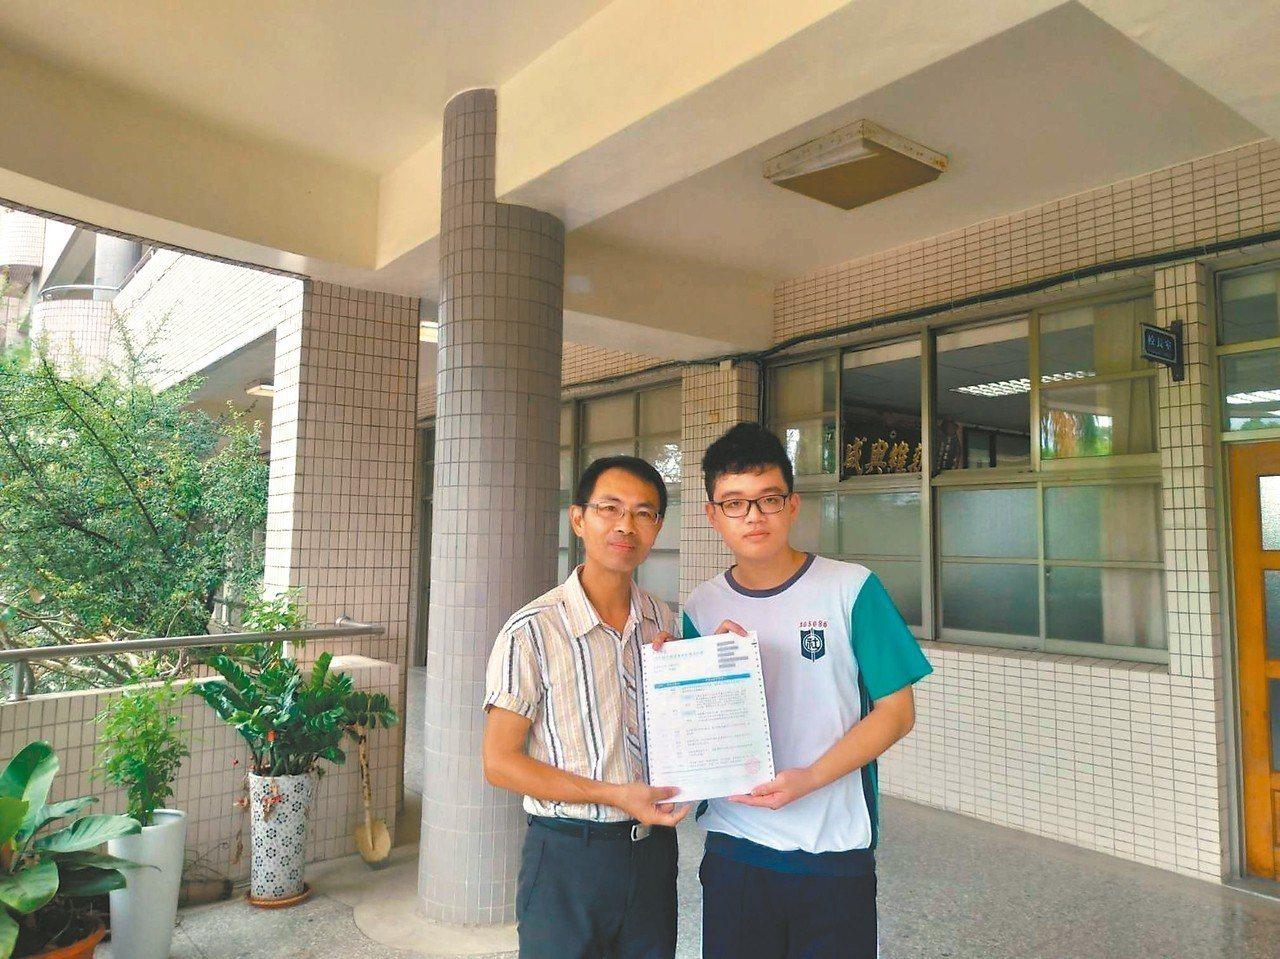 社頭國中學生蘇昱銓(右)在國中會考國文作文拿下滿分。 圖/社頭國中提供